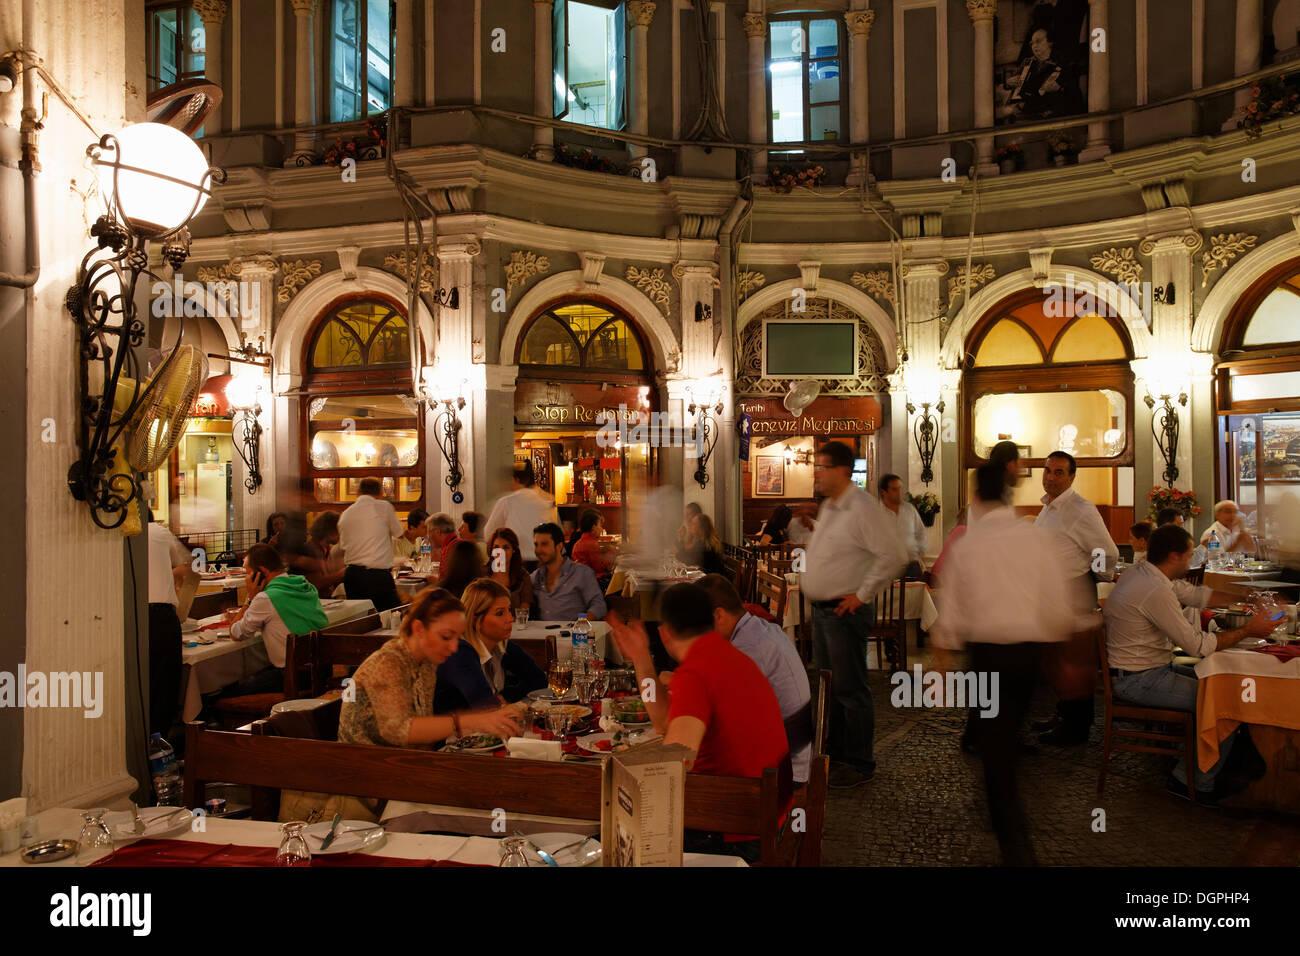 Restaurants In Istanbul Stock Photos & Restaurants In